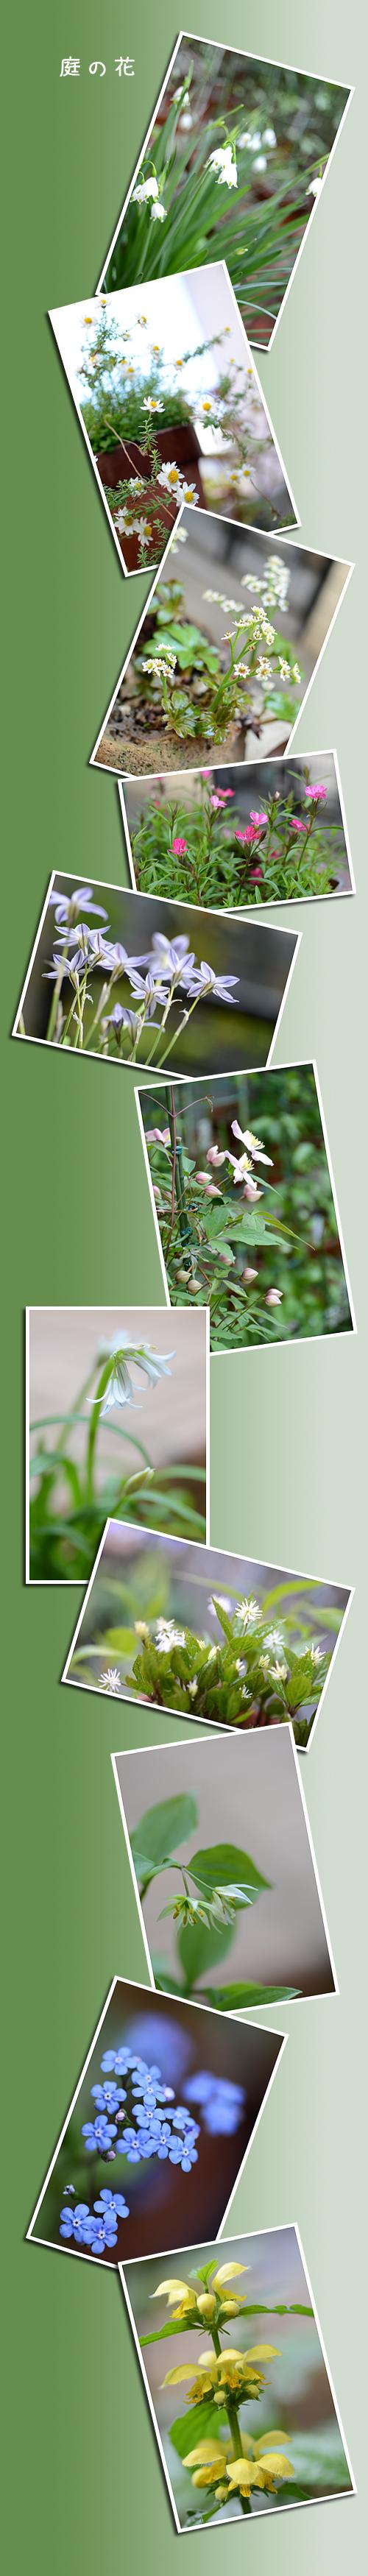 4月13日庭の花1